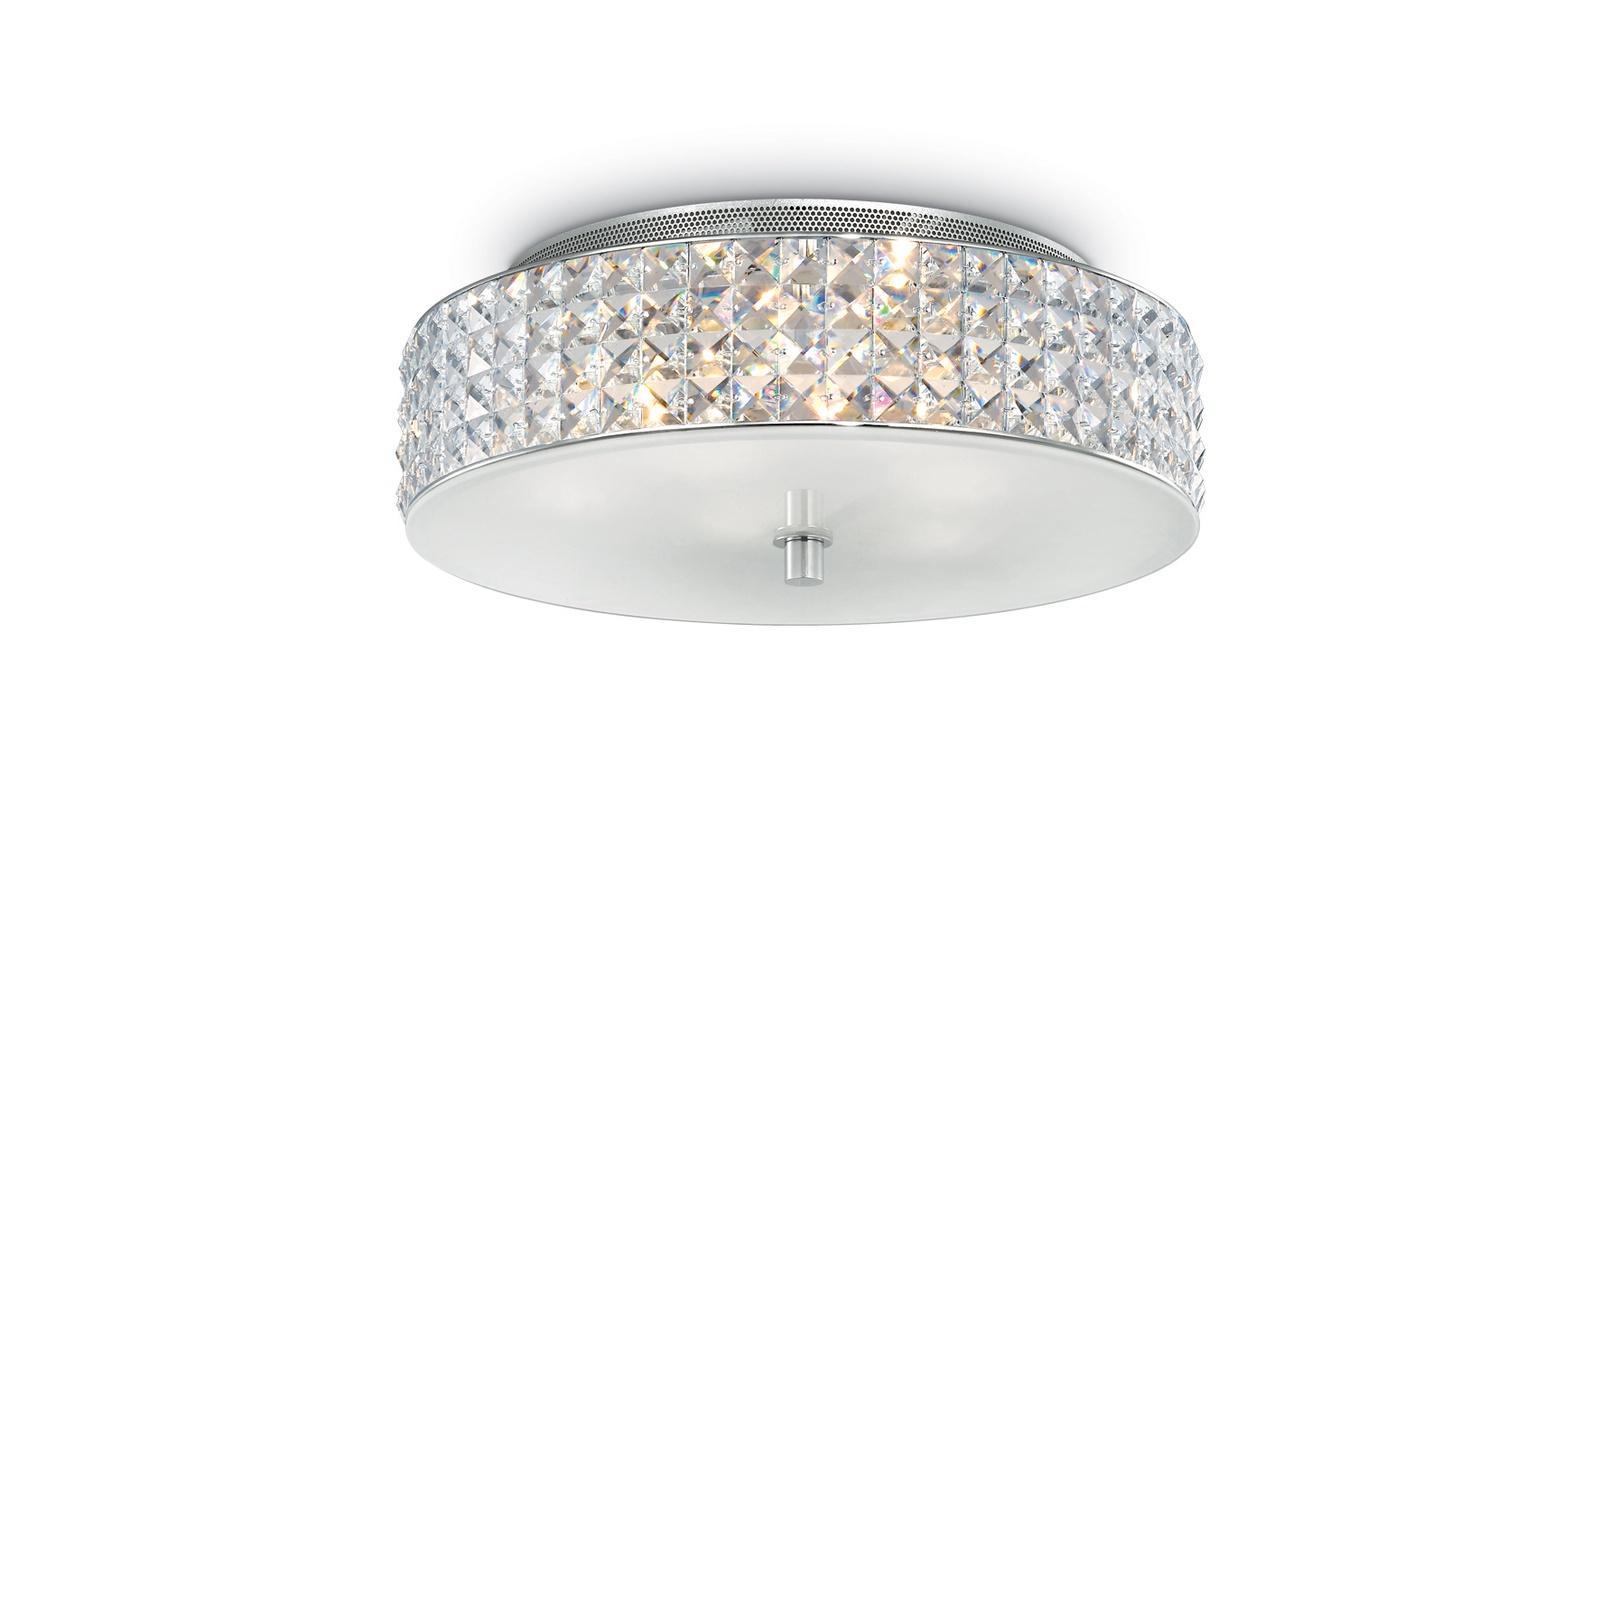 Потолочный светильник Ideal Lux PL6, G9, max 6 x 40W G9 Вт светильник ideal lux corallo corallo pl6